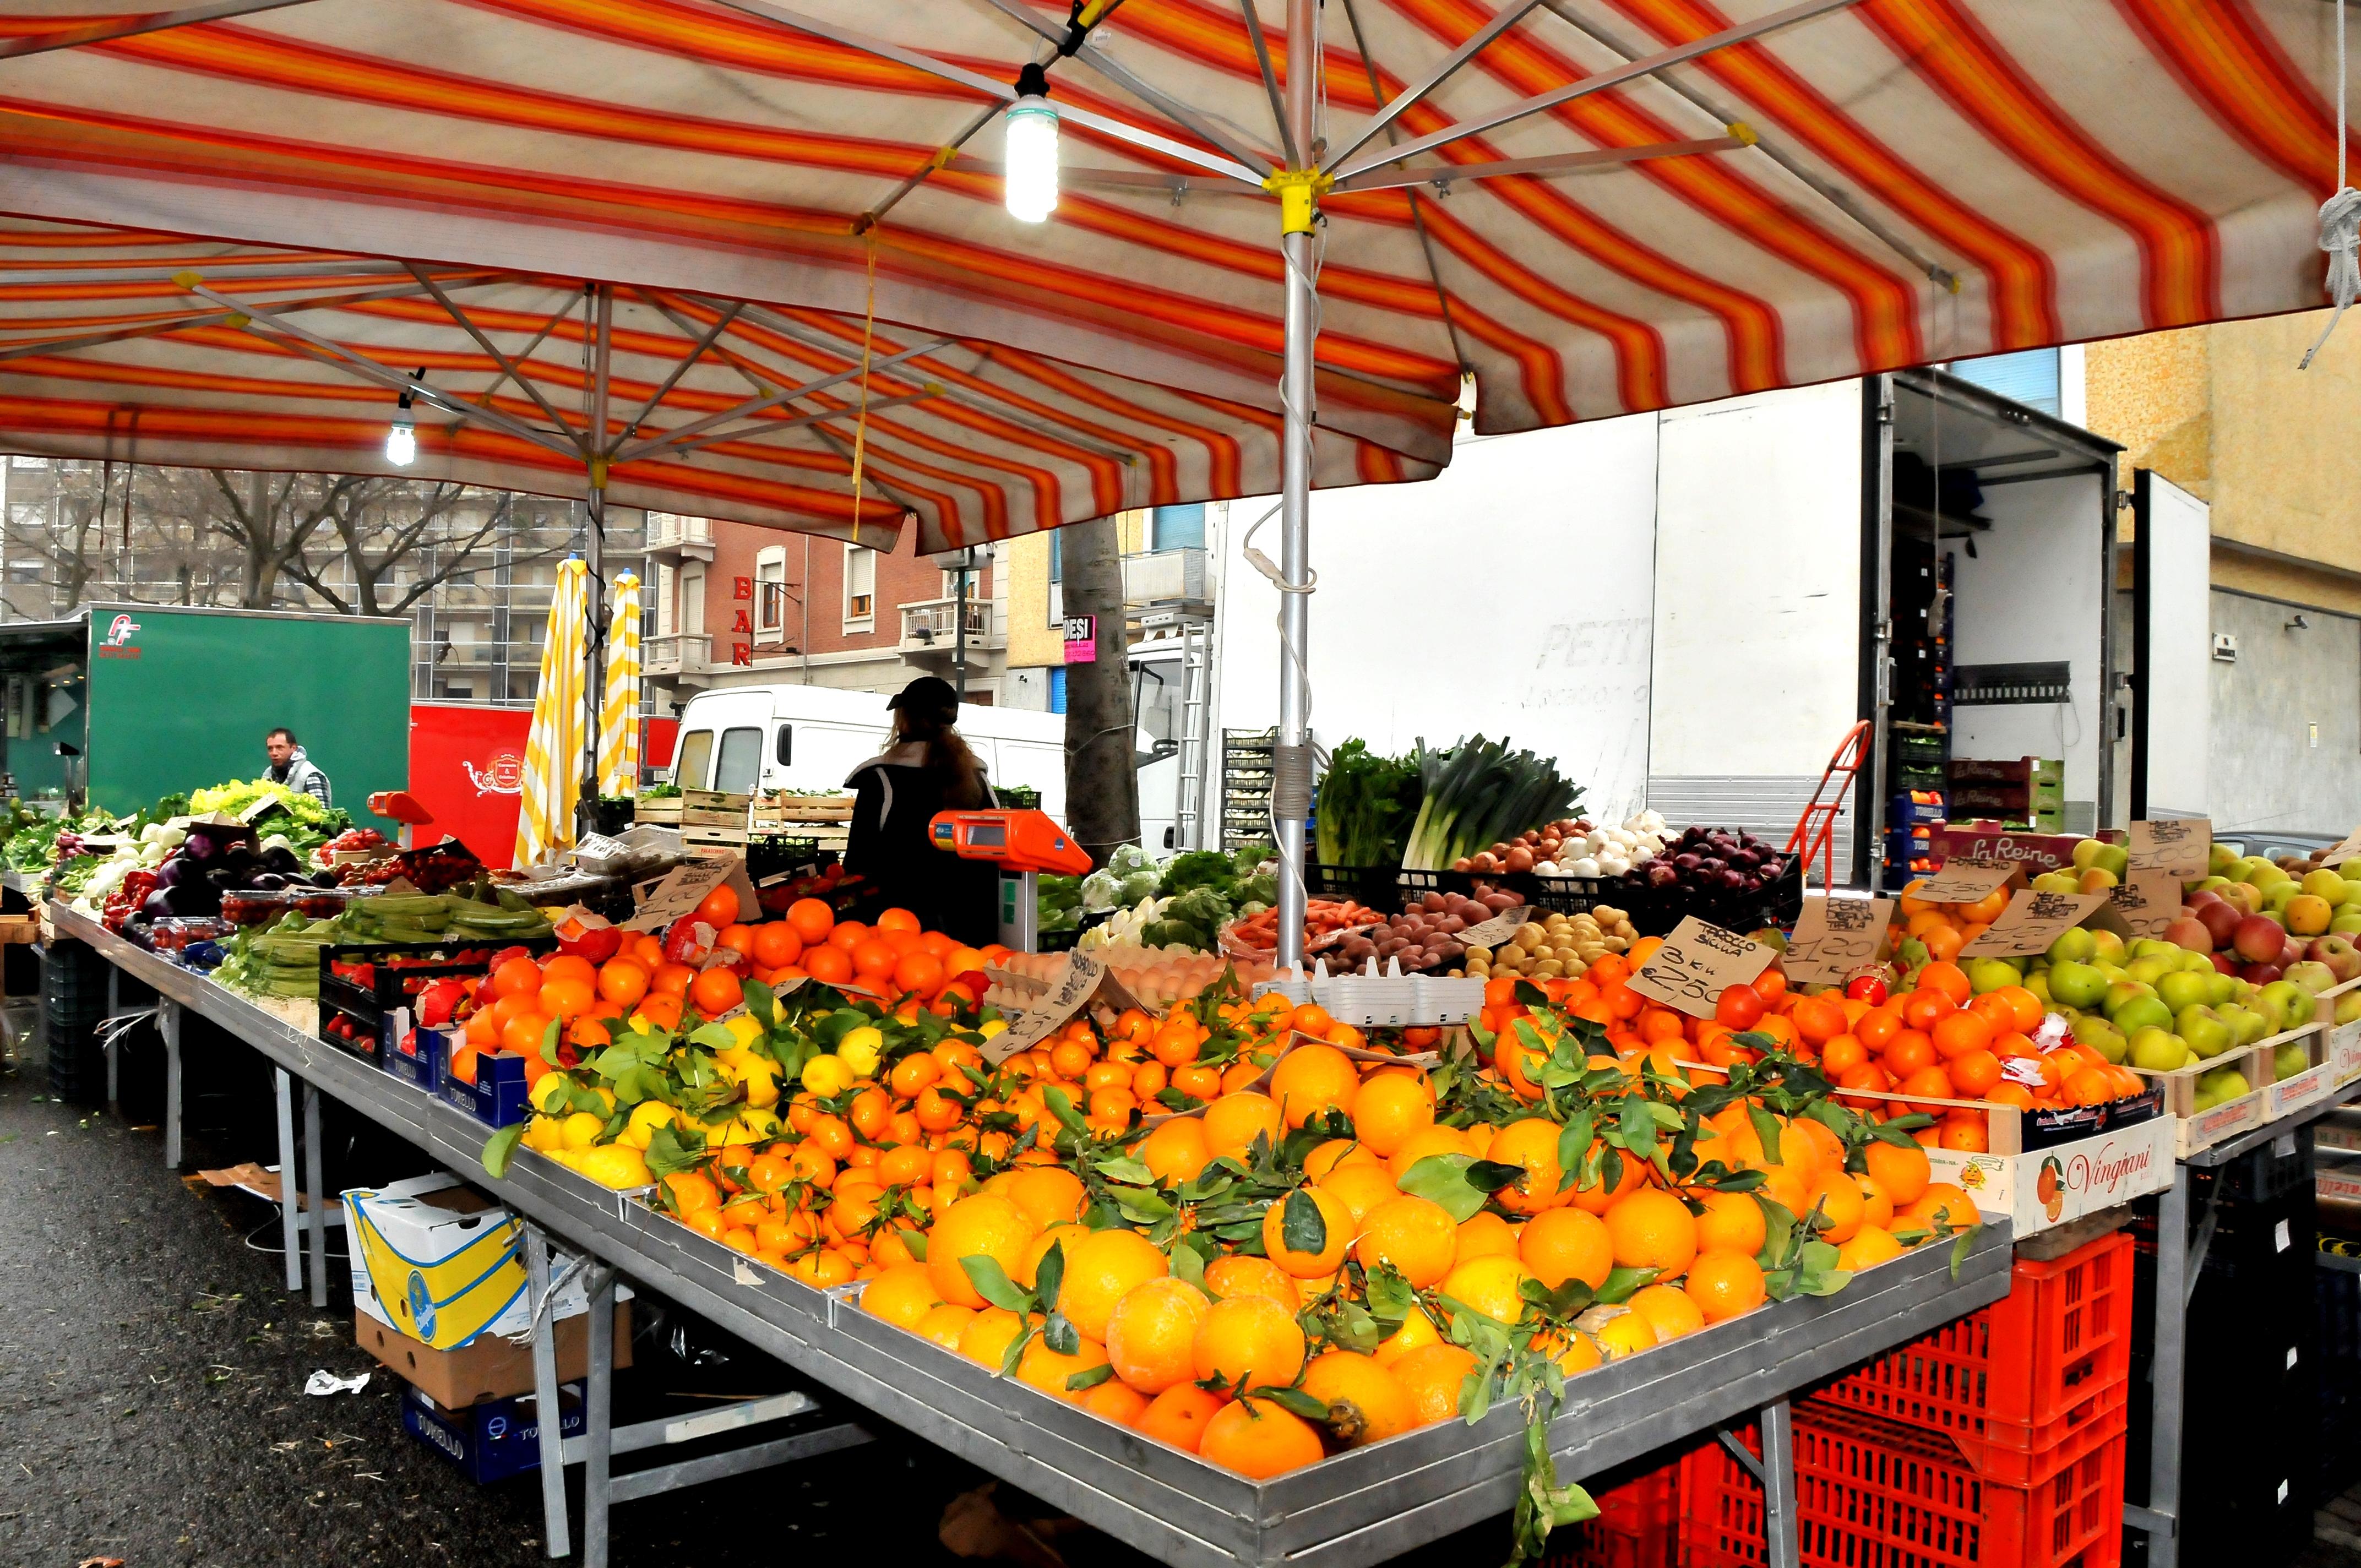 Mori ortofrutta in piazzale kennedy c 39 il bando la for Idee per arredare un negozio di frutta e verdura